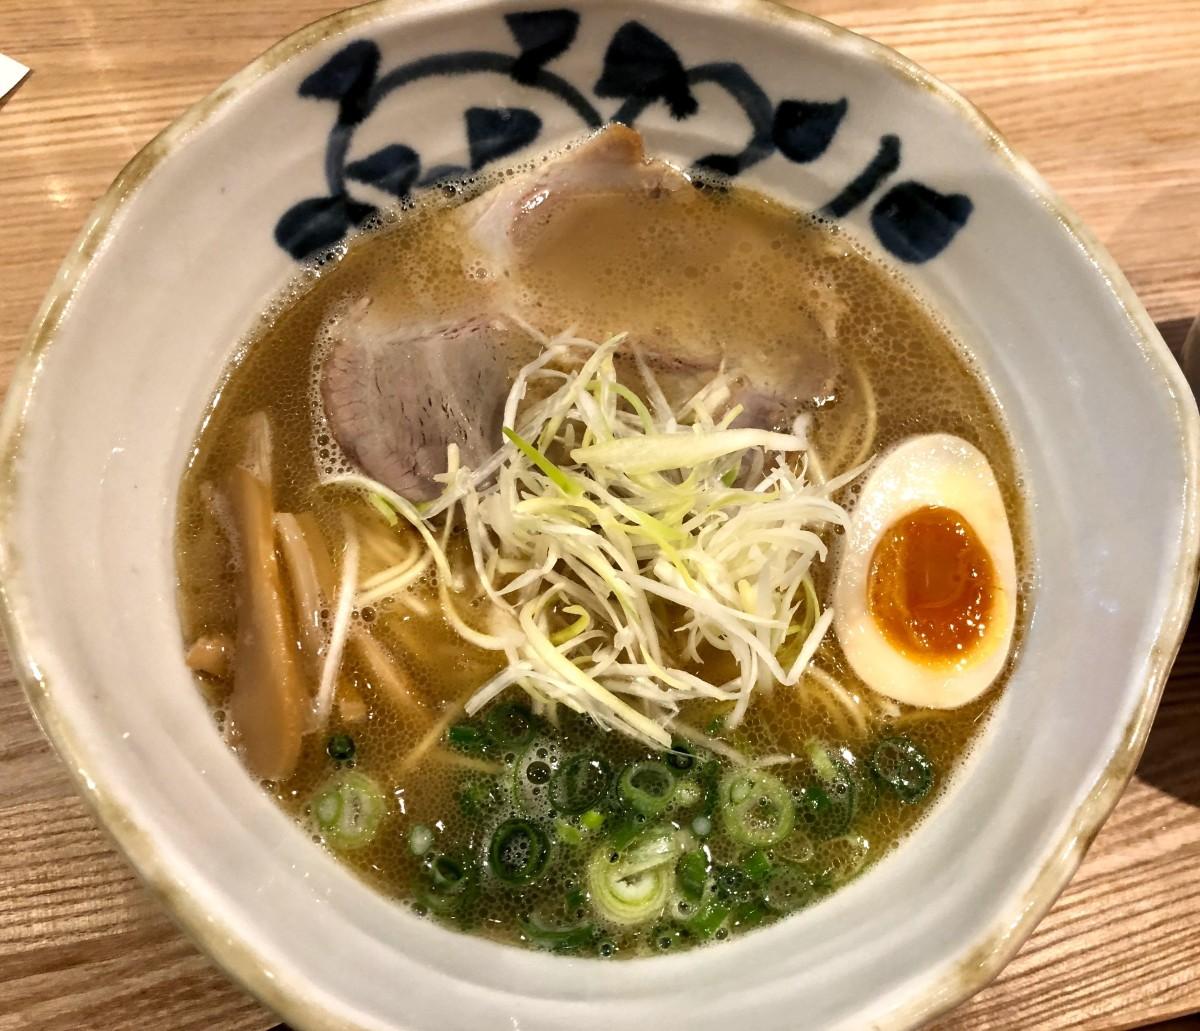 Büyüleyici Japonya! Bölüm 1 - Ulaşım ,Konaklama, Yeme/İçme